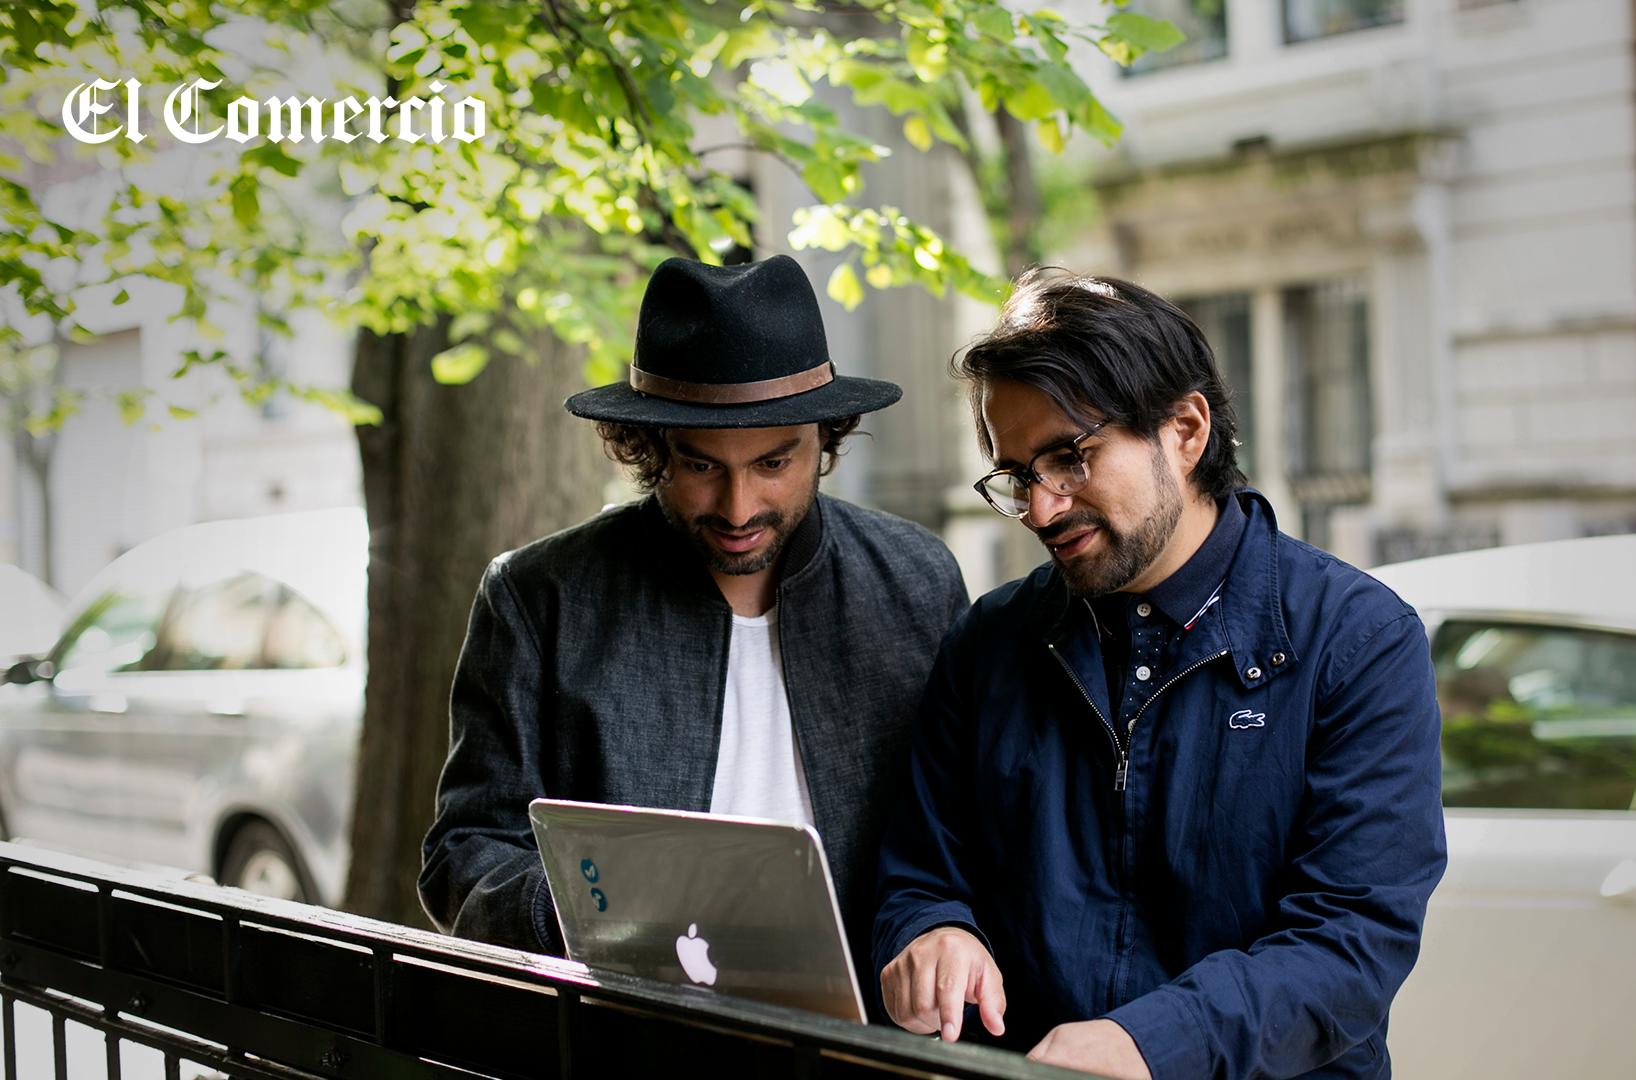 Los publicistas peruanos que lideran una agencia de Nueva York - Tras vivir en Asia y Europa, Gian Carlo Lanfranco y Rolando Córdova son directores creativos de marcas globales en McCann Nueva York.